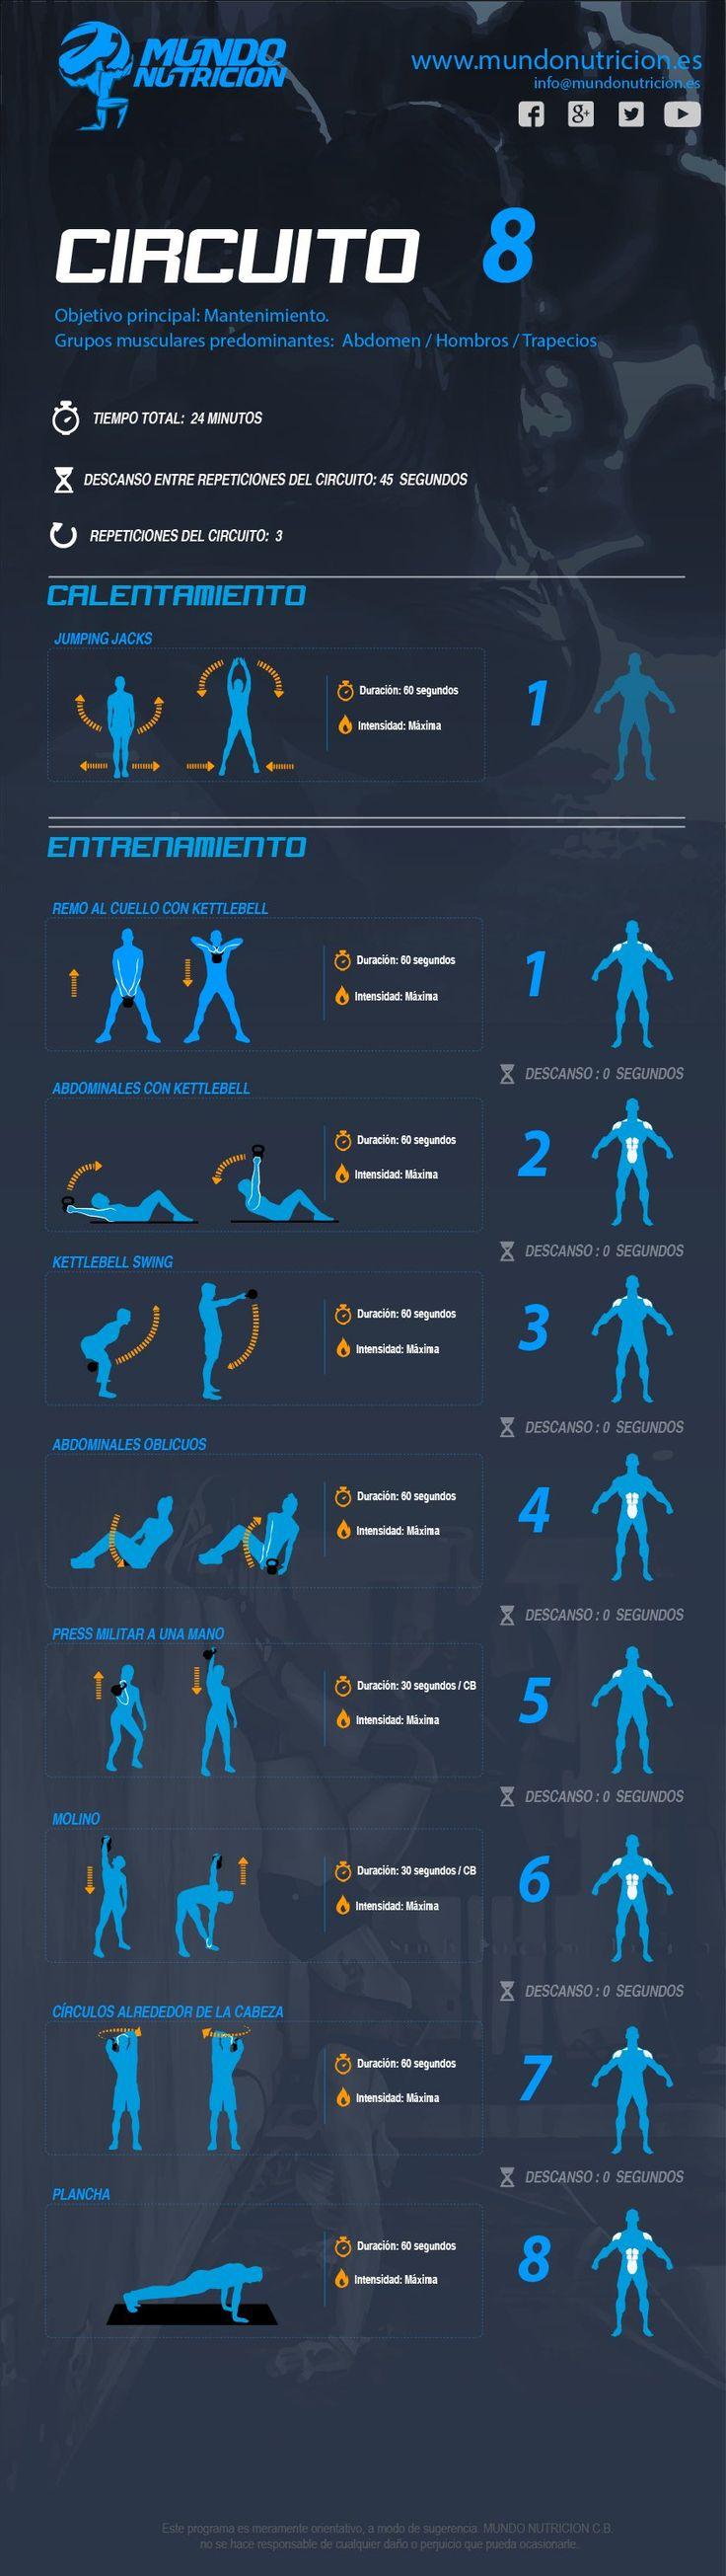 Aumentar volumen de hombros y abdomen MundoNutricion.es